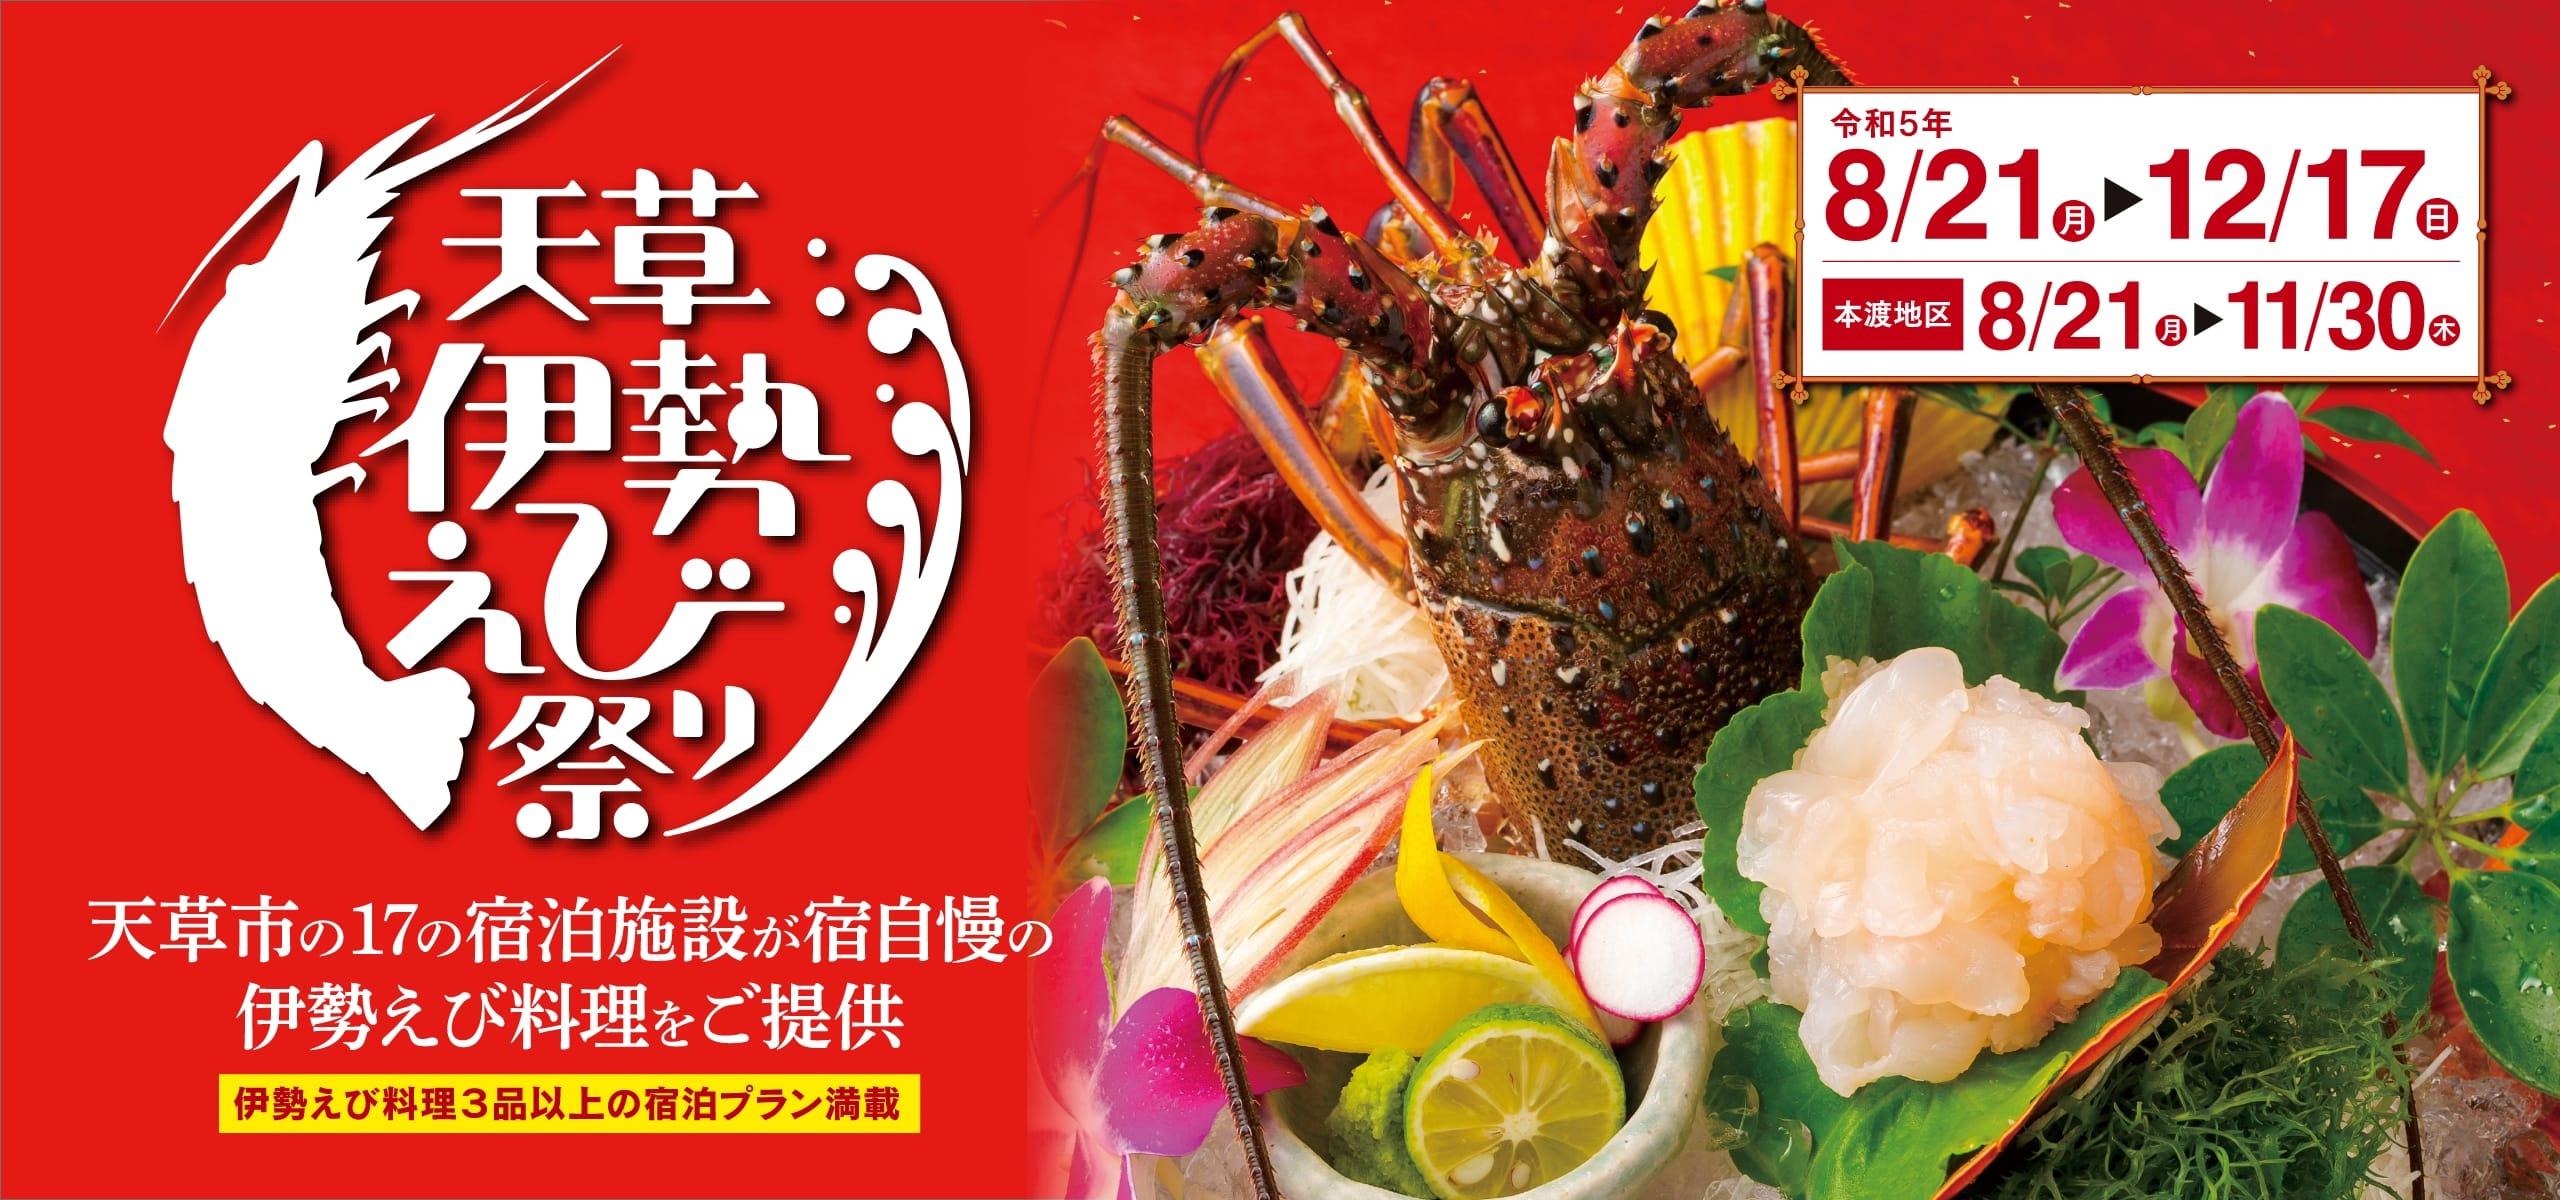 平成30年8月21日(火)〜12月28日(金) 伊勢えび料理3品以上の宿泊プラン満載!!